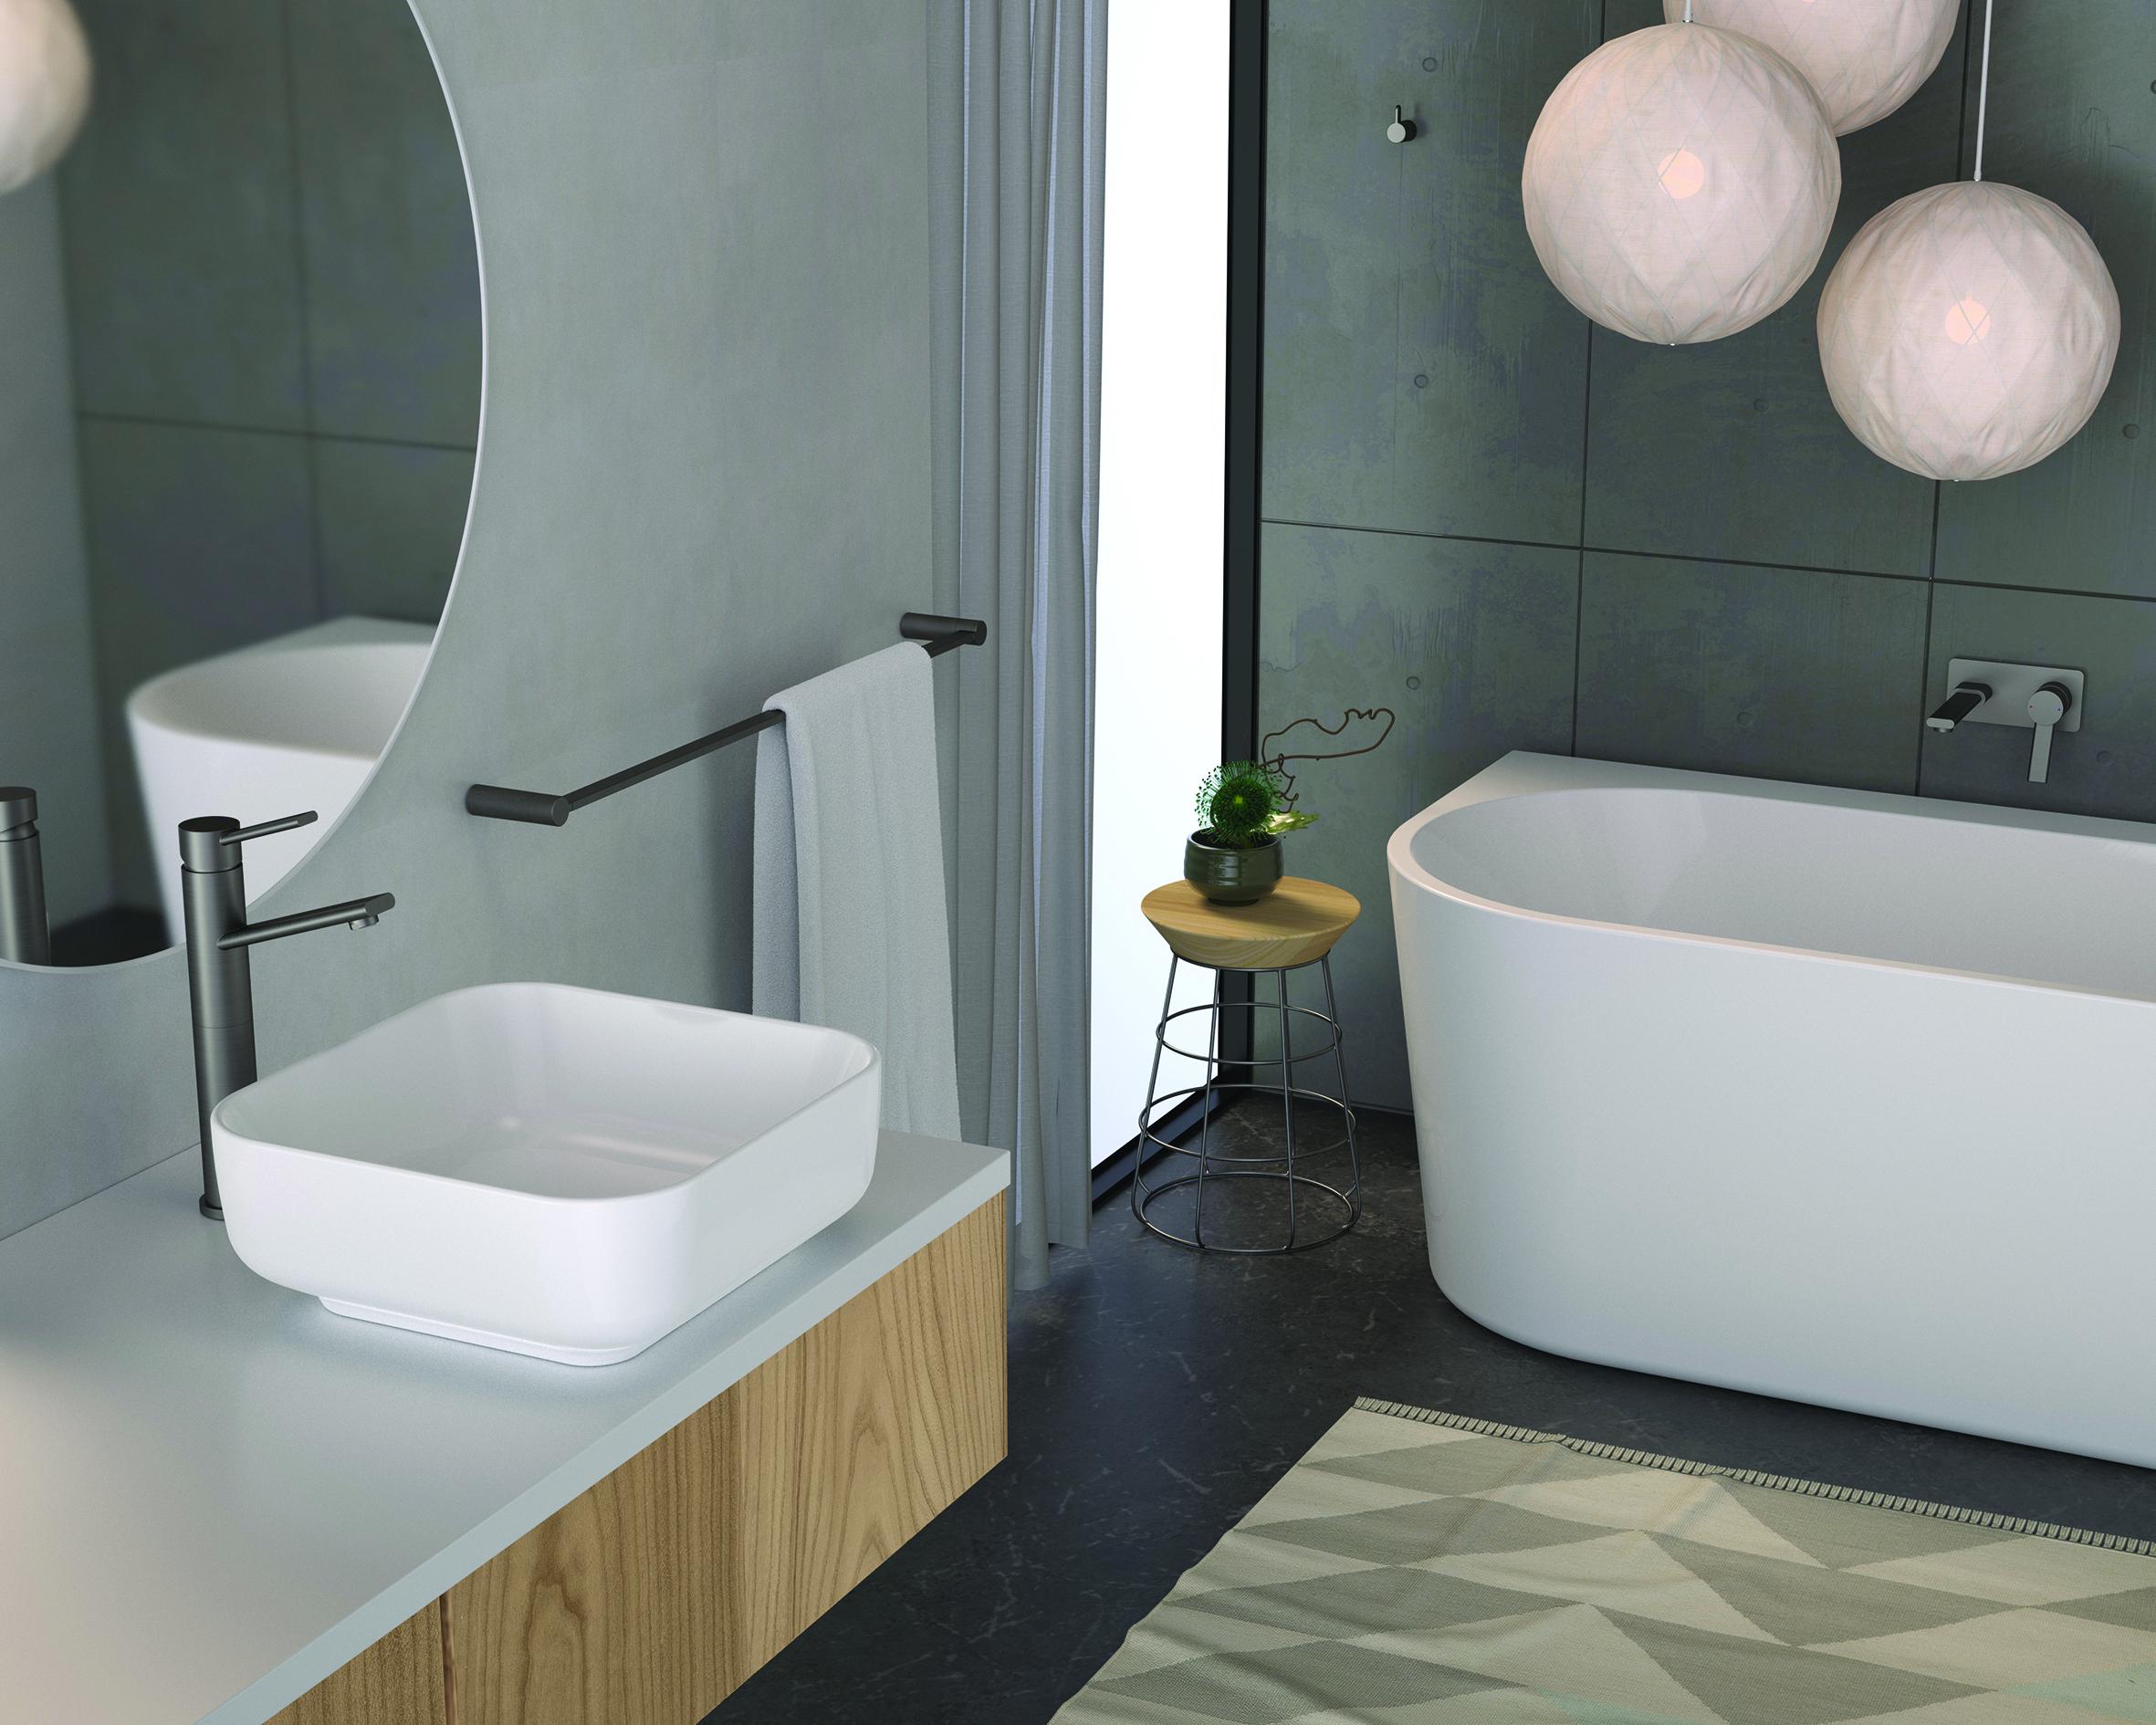 Beautifully designed, thoughtfully engineered